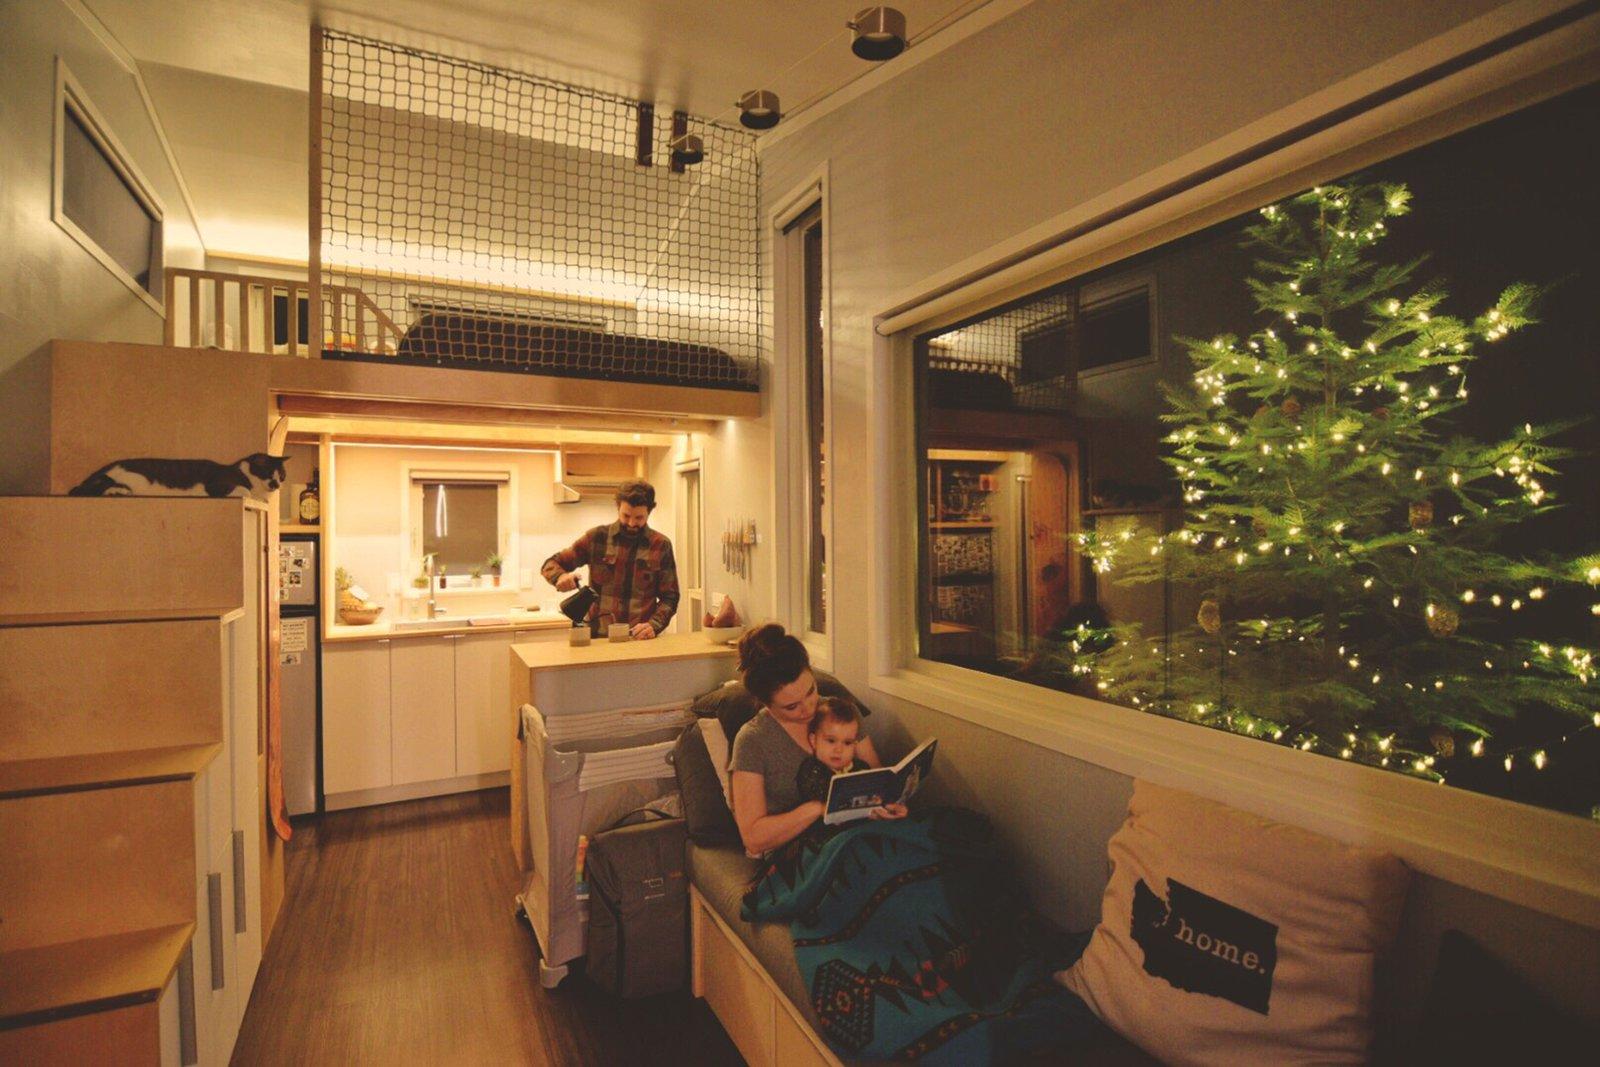 A cozy family Christmas.